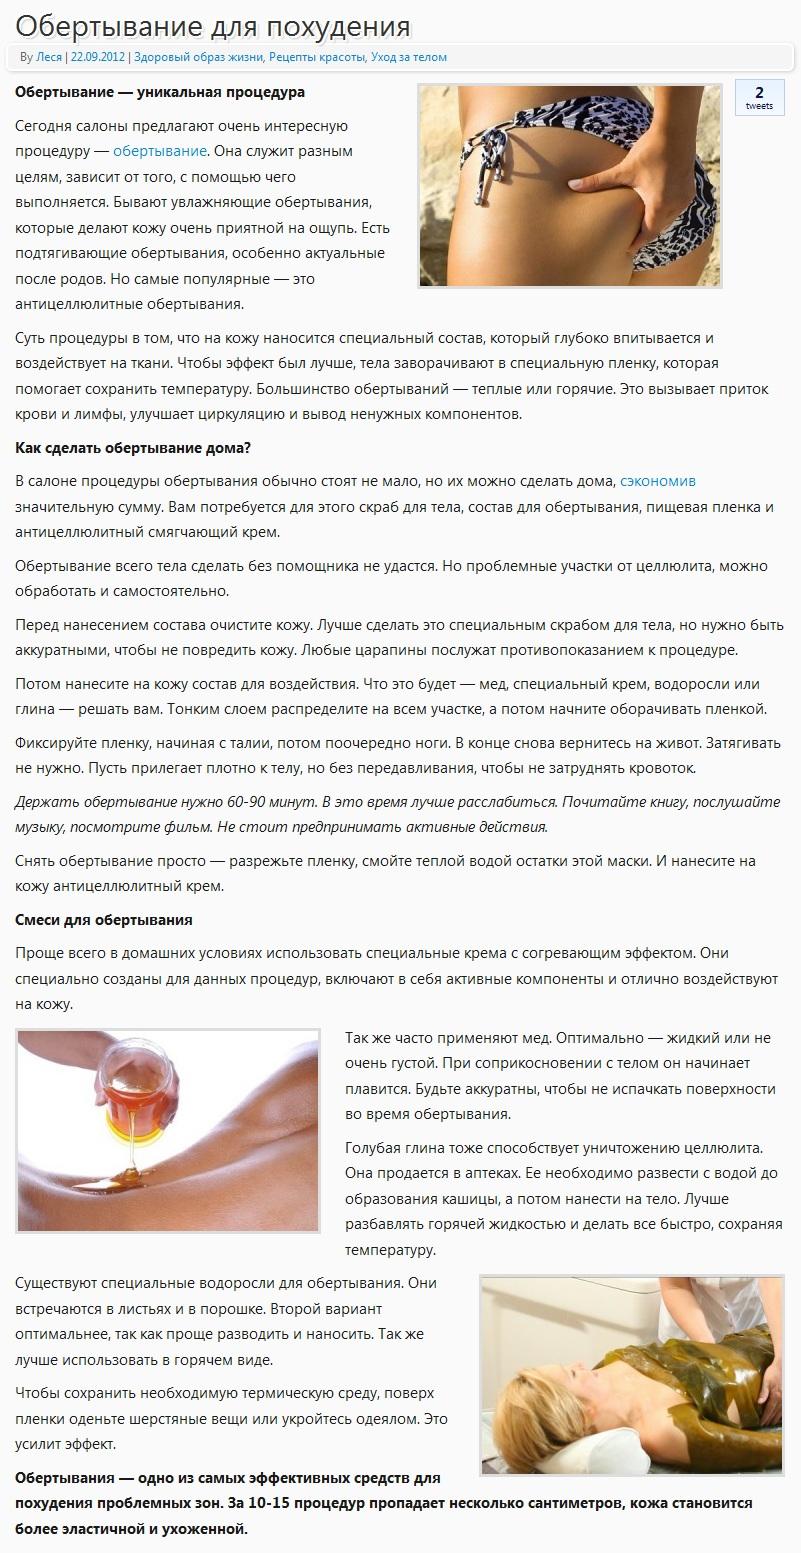 Обертывание для похудения отзывы в домашних условиях рецепты